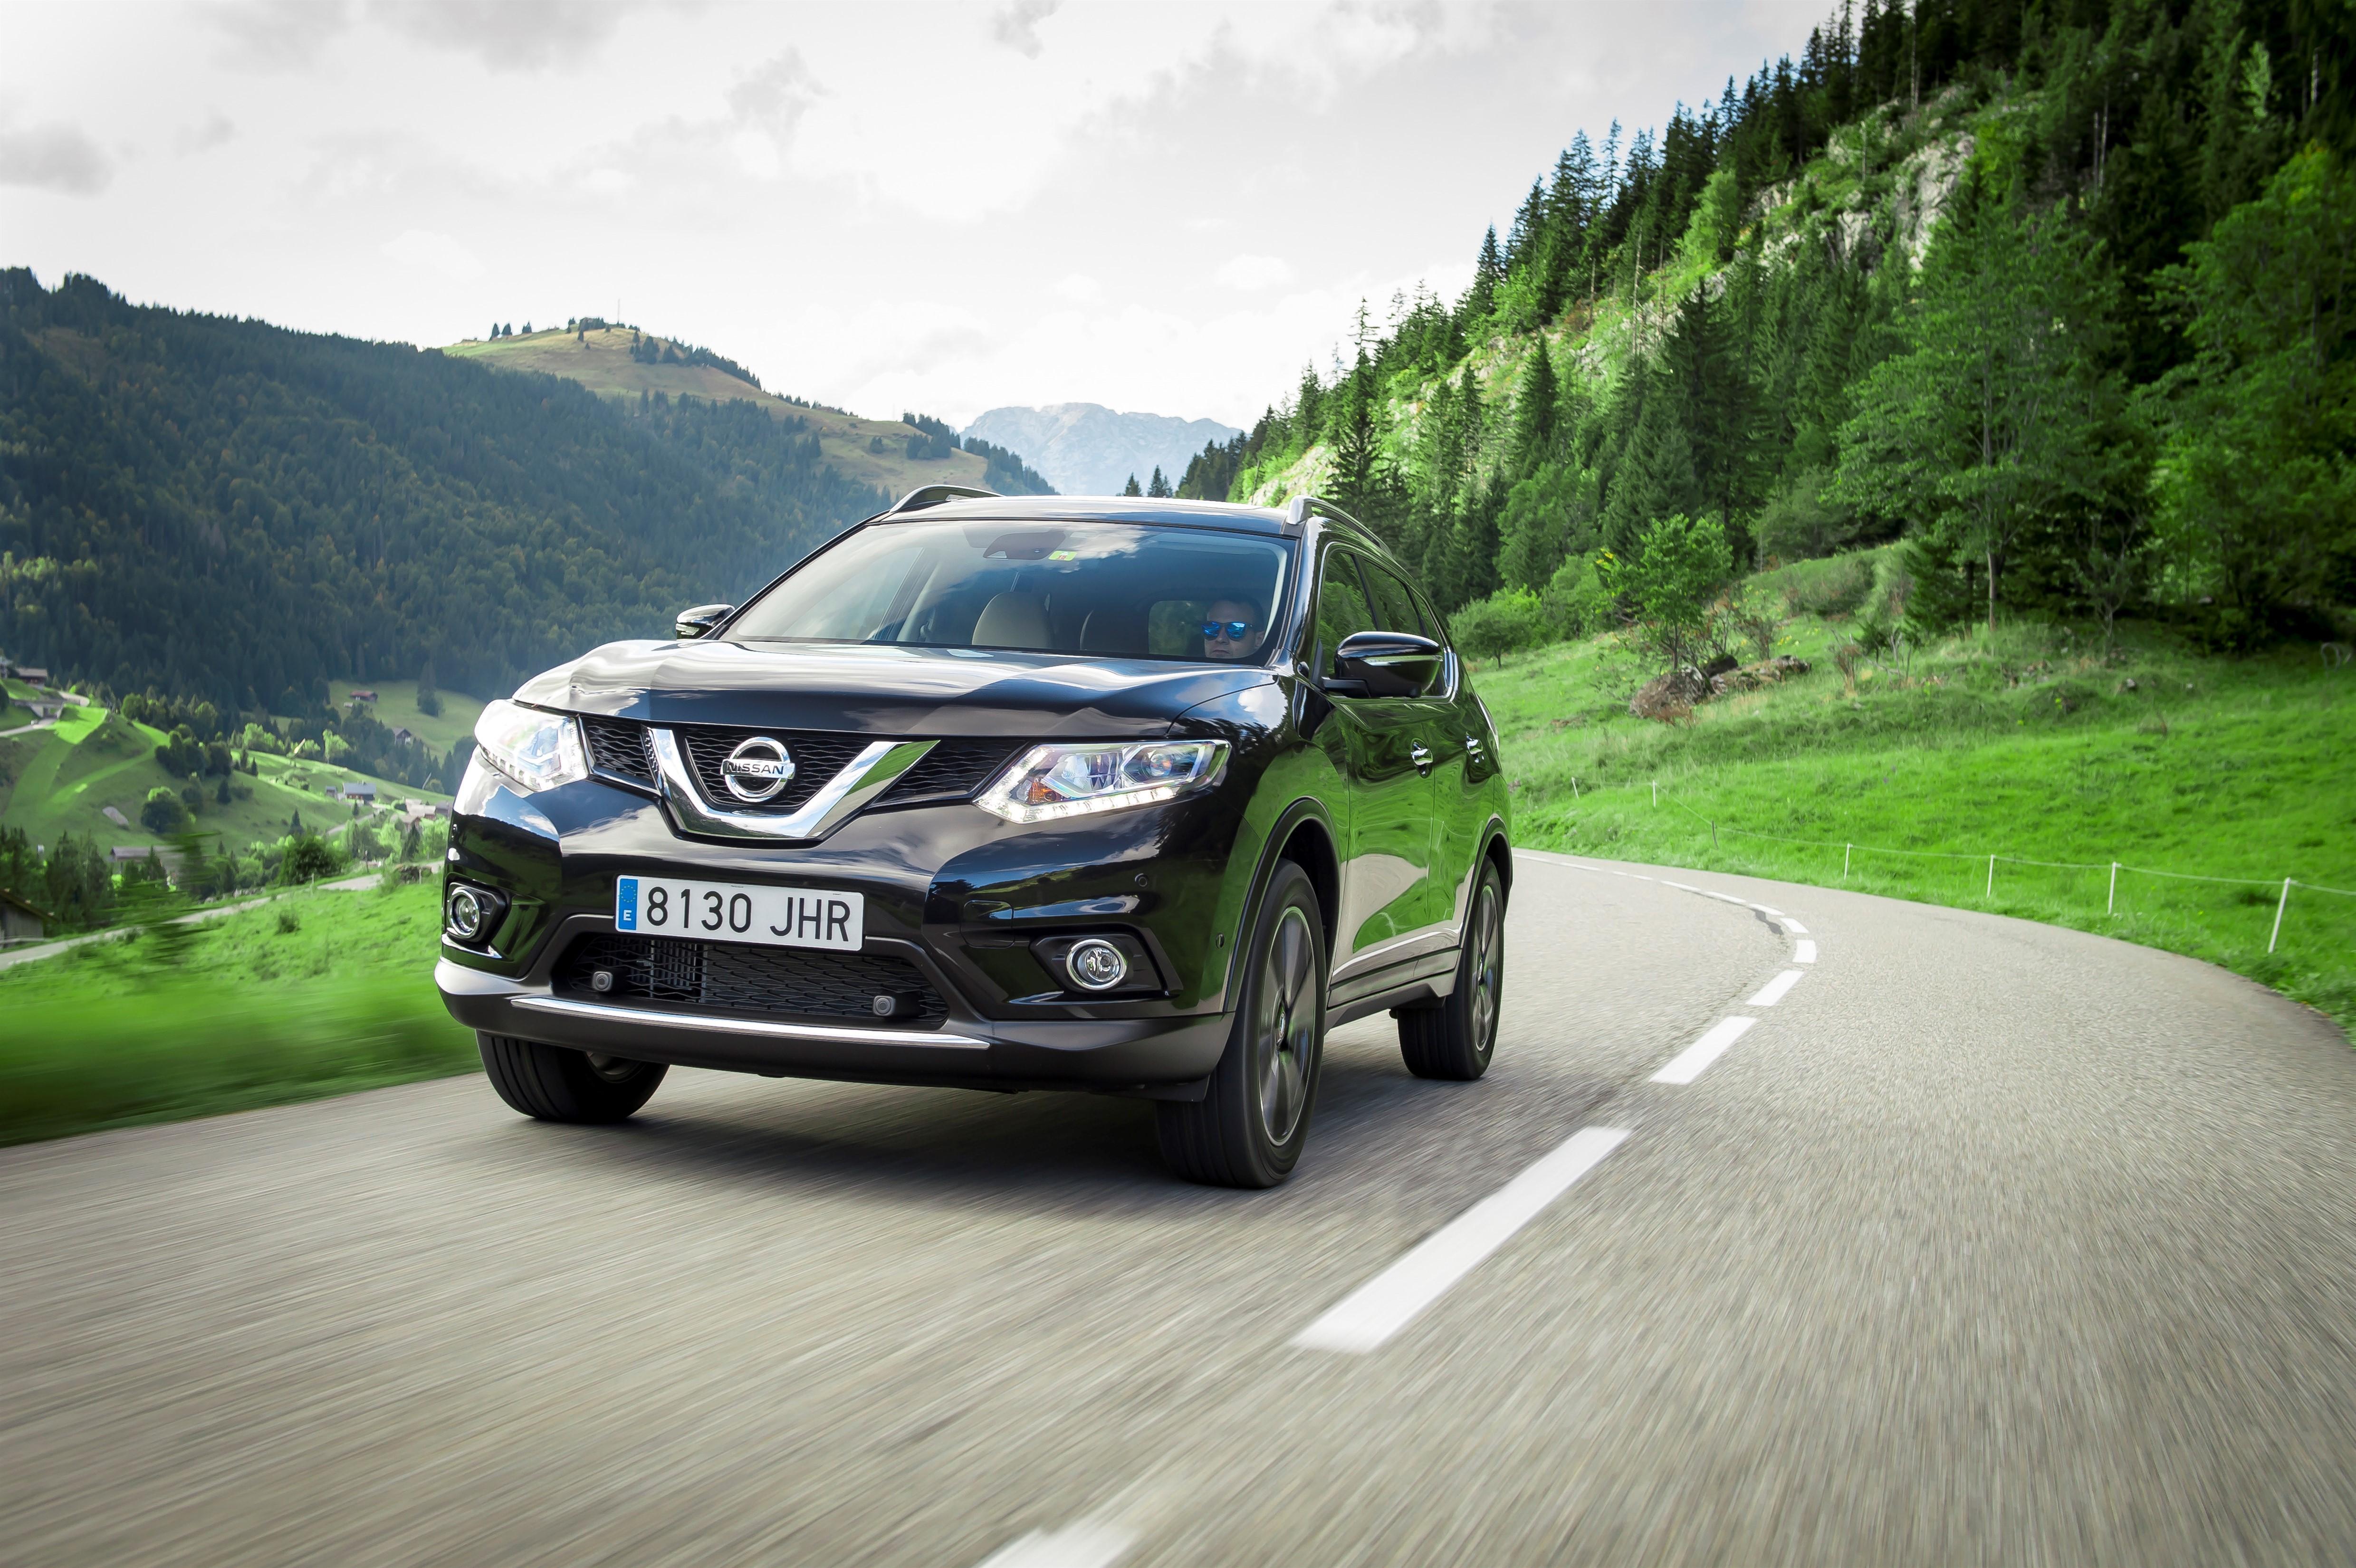 Nissan per la sicurezza: Safety Shield in omaggio